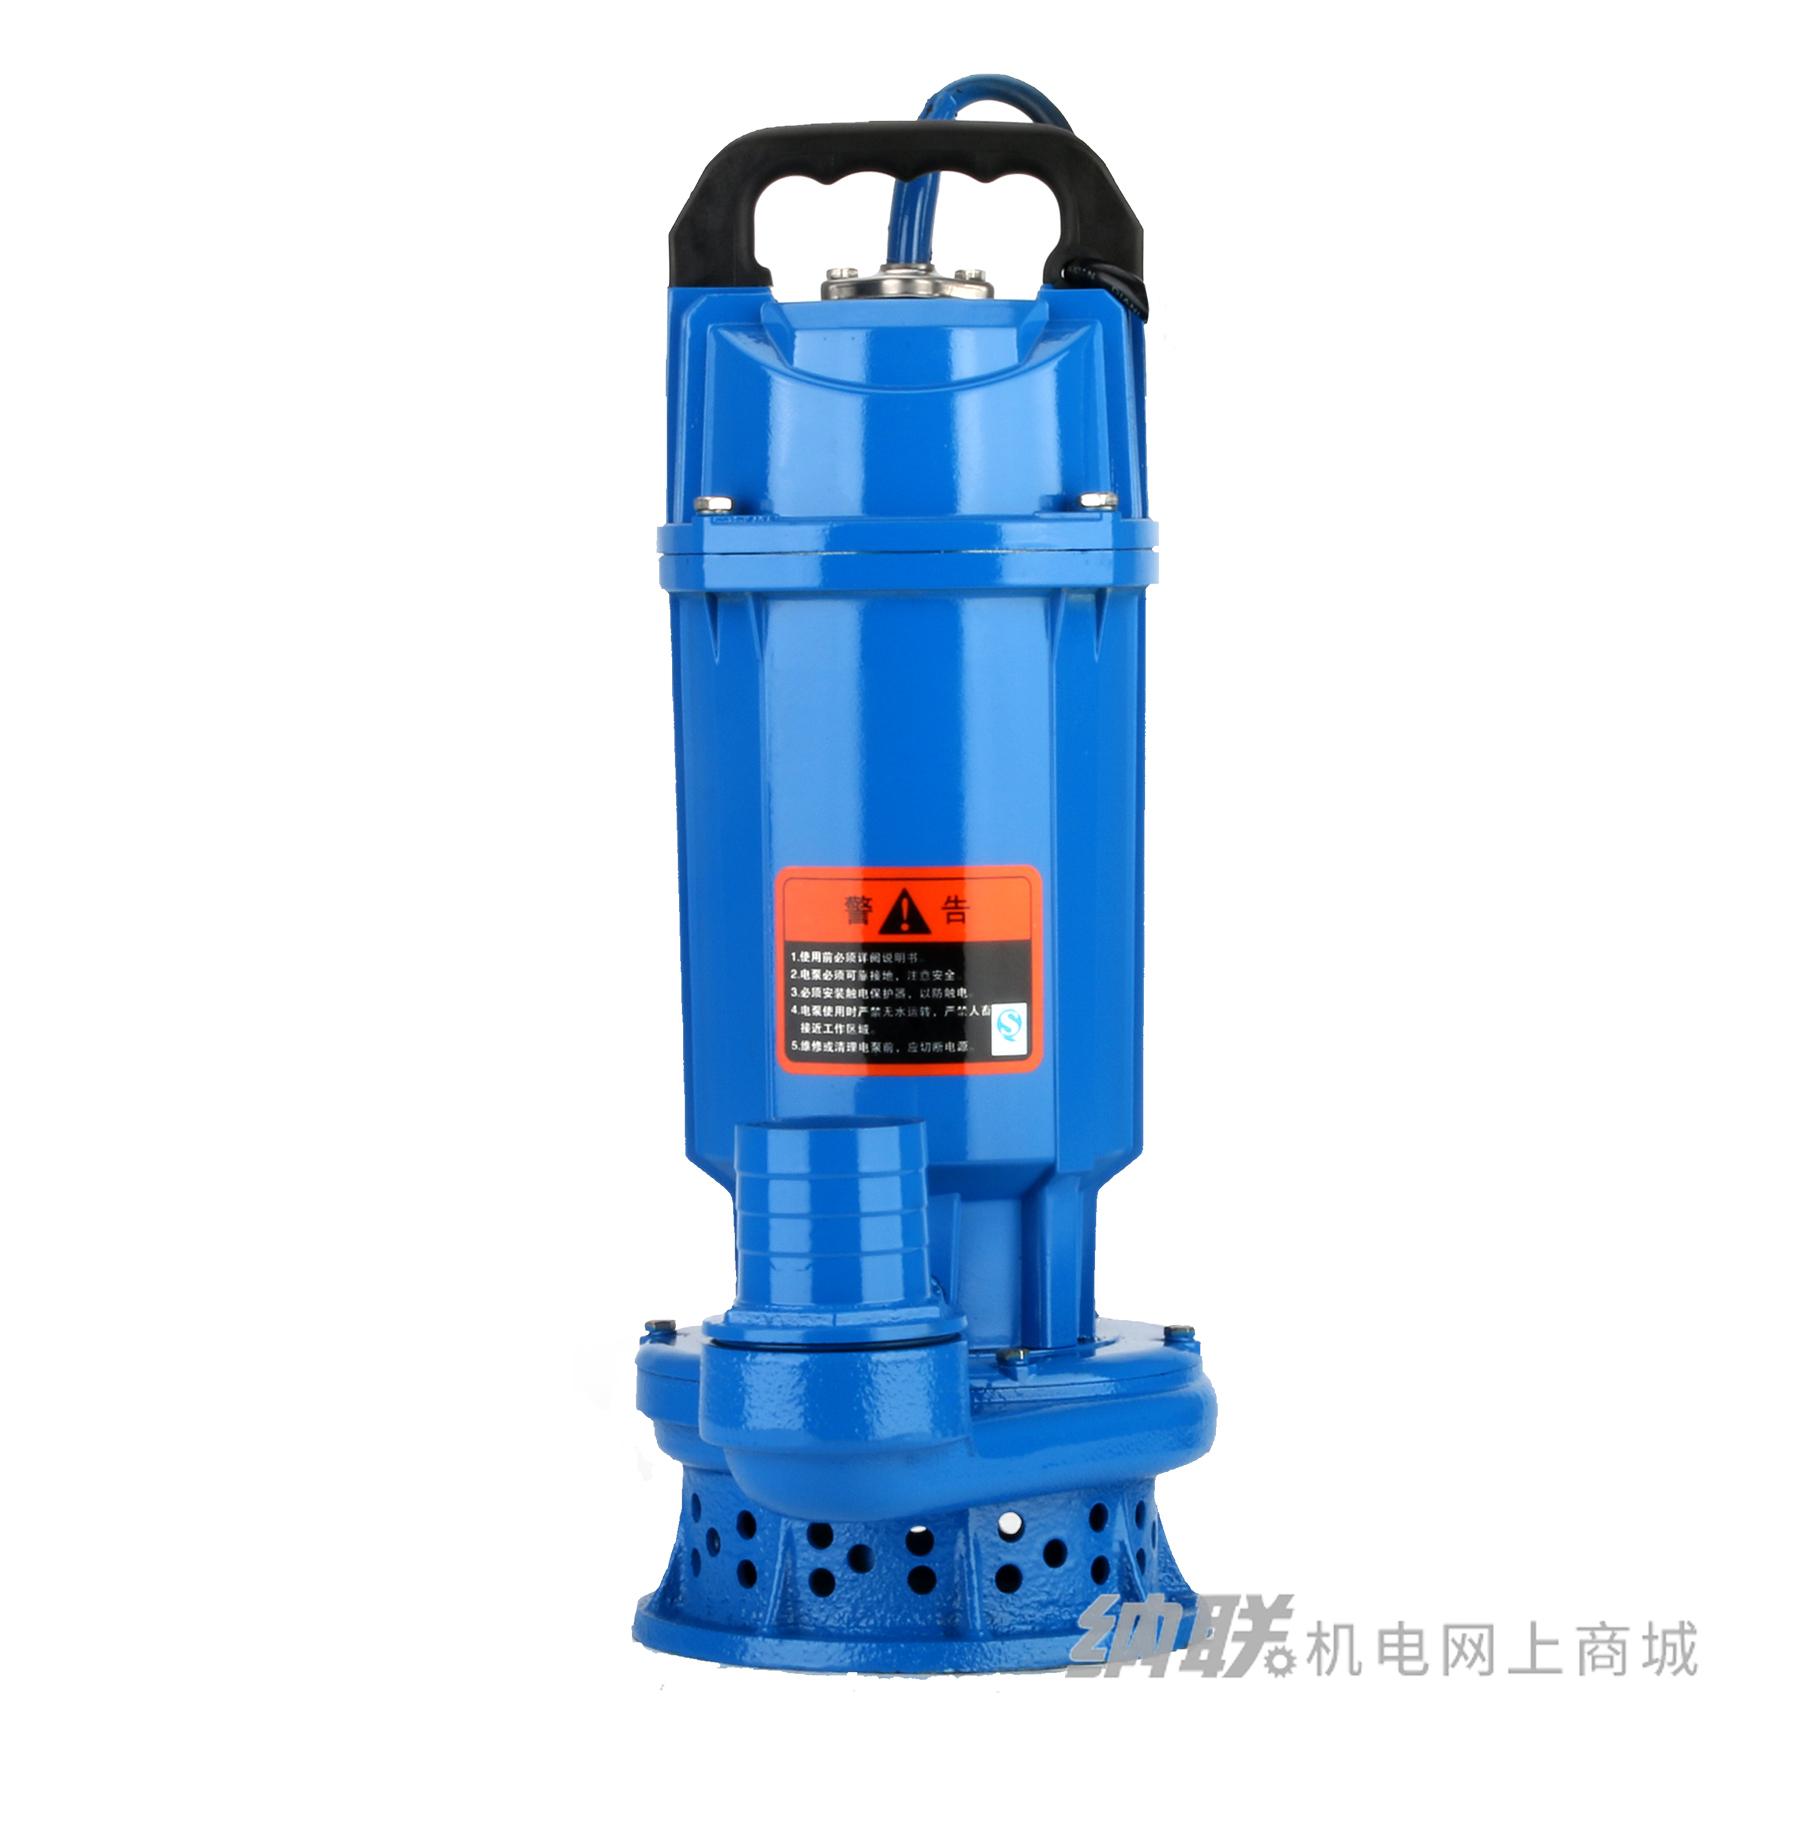 纳联机电 潜水泵-25QDX1.5-32-0.75(新版)